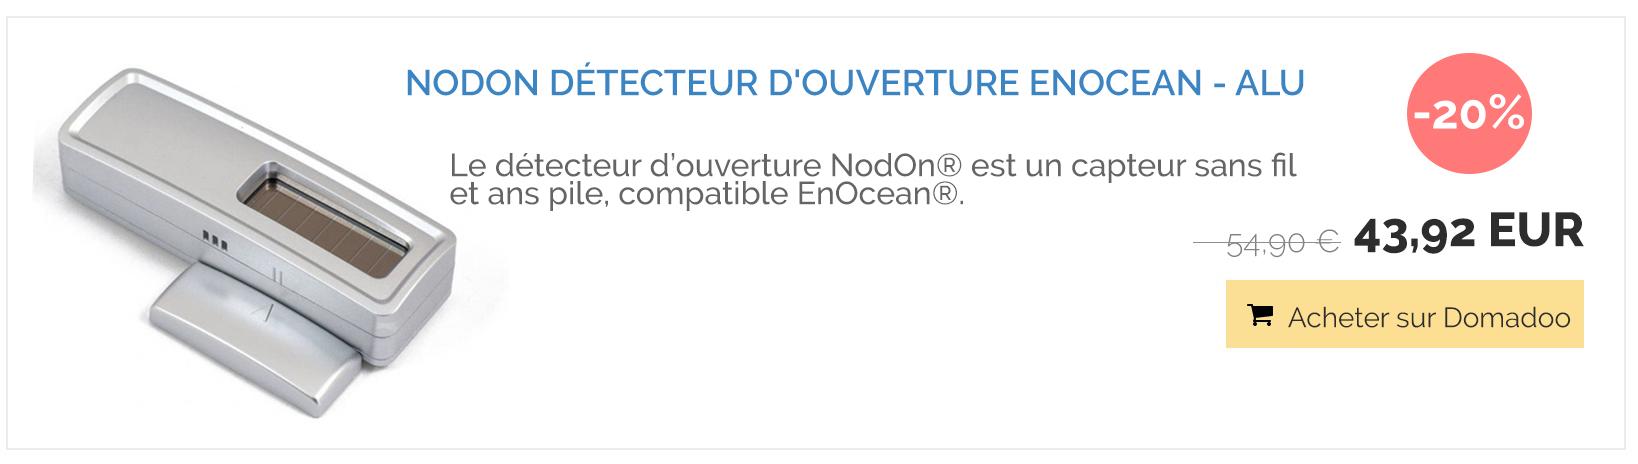 nodon-enocean-domotique-bonplan